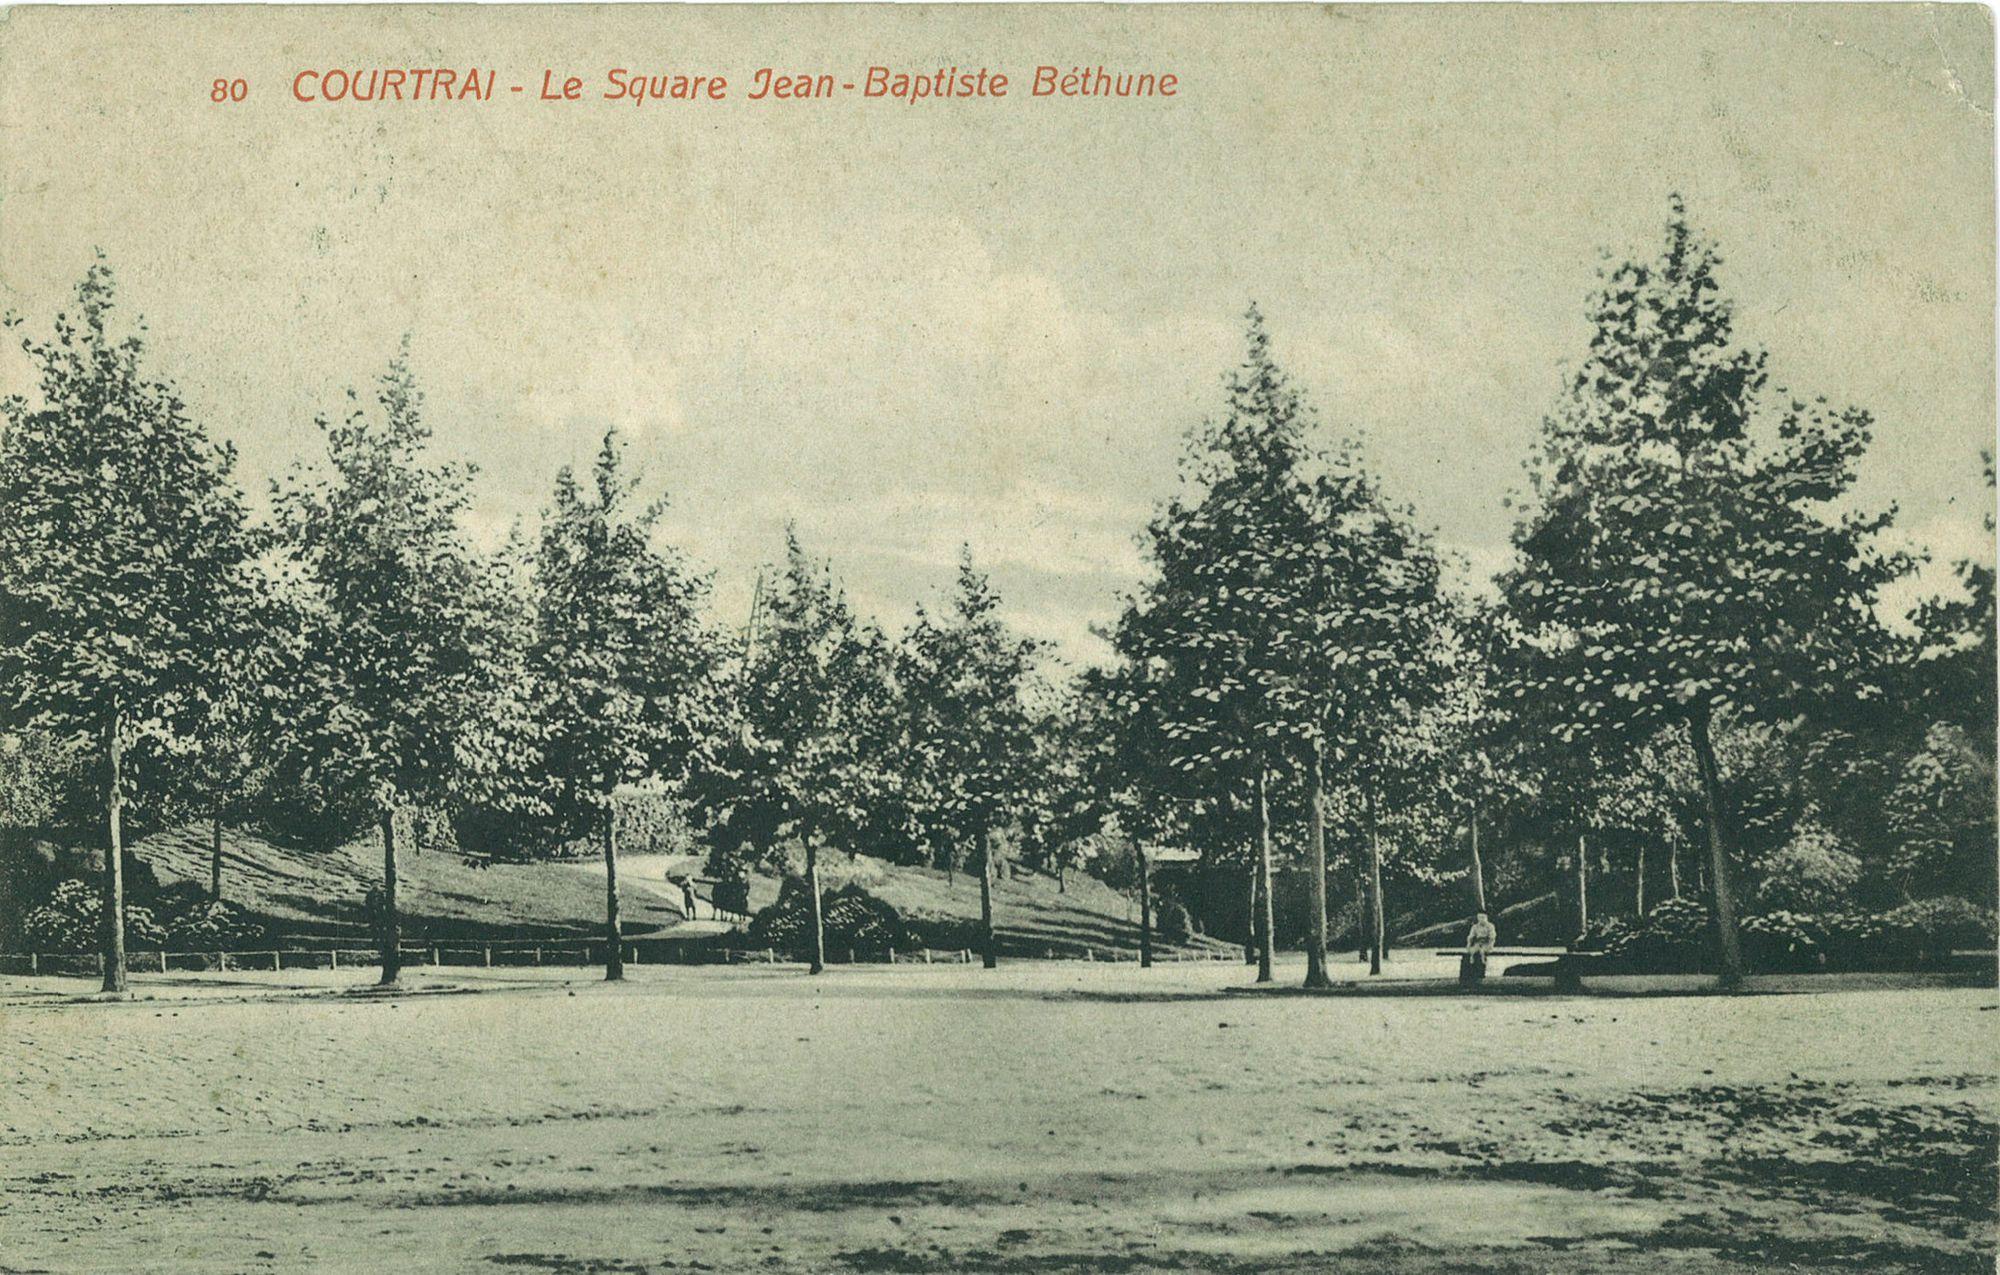 Square Jean-Baptiste Béthune